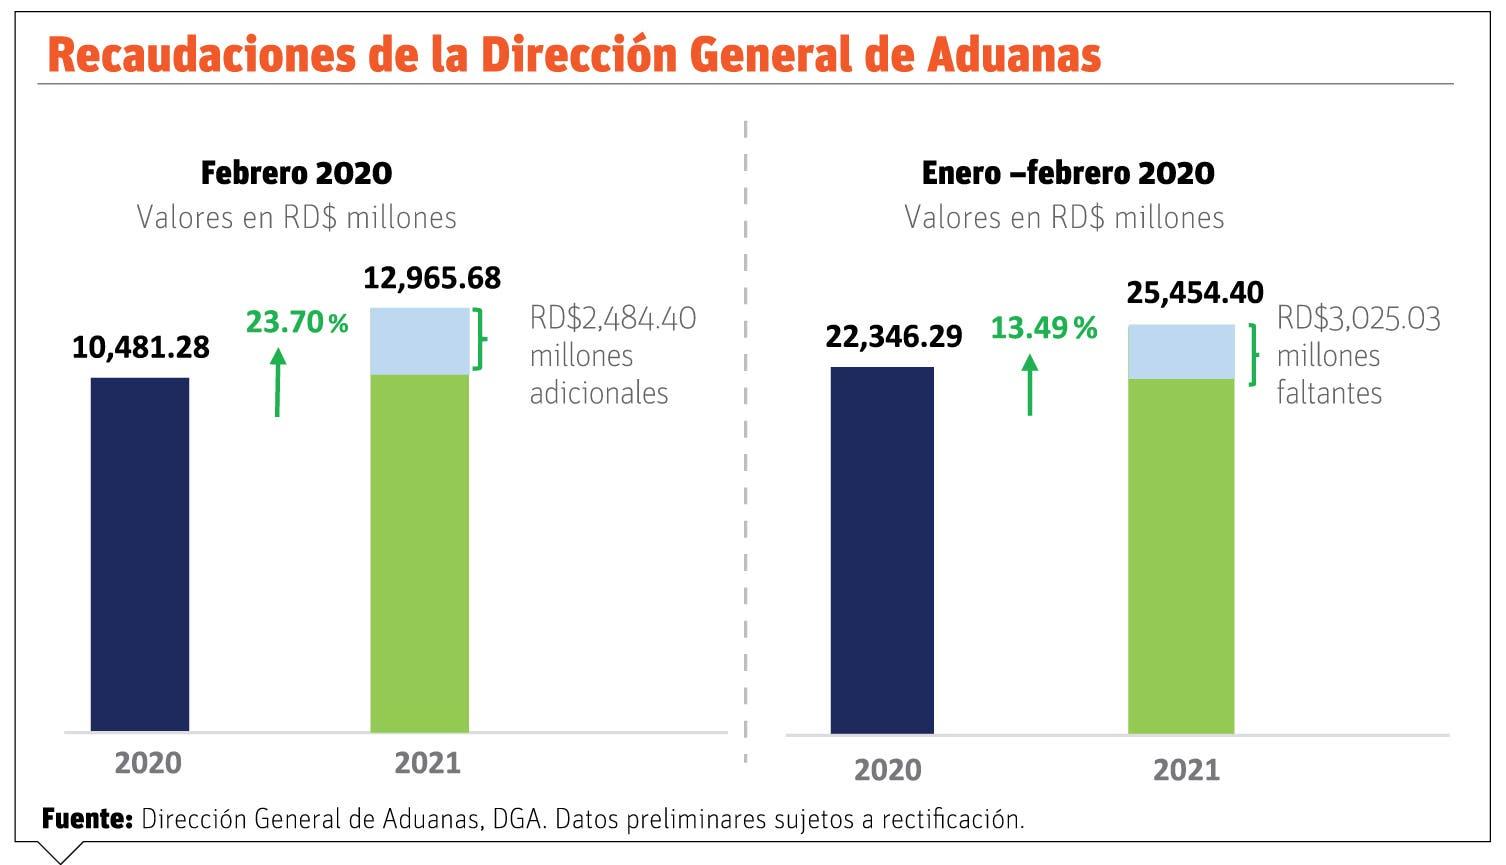 Recaudos Aduanas suben 24% con relación al año pasado